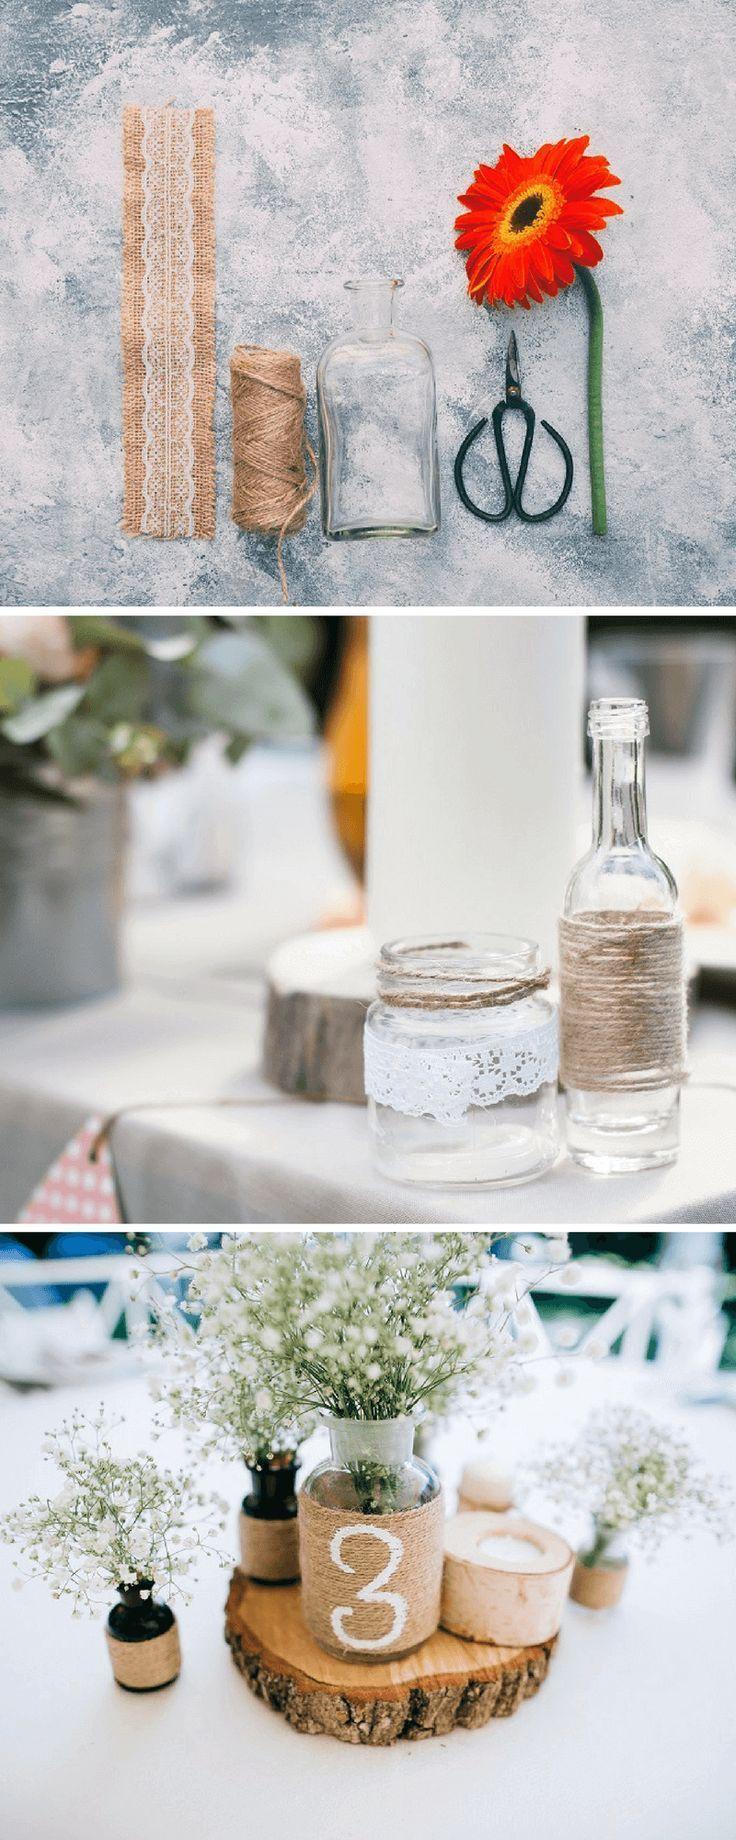 Hochzeitsdeko selber machen – 5 einfache Blumendeko-Ideen für die Hochzeit  – Hochzeitsdeko basteln